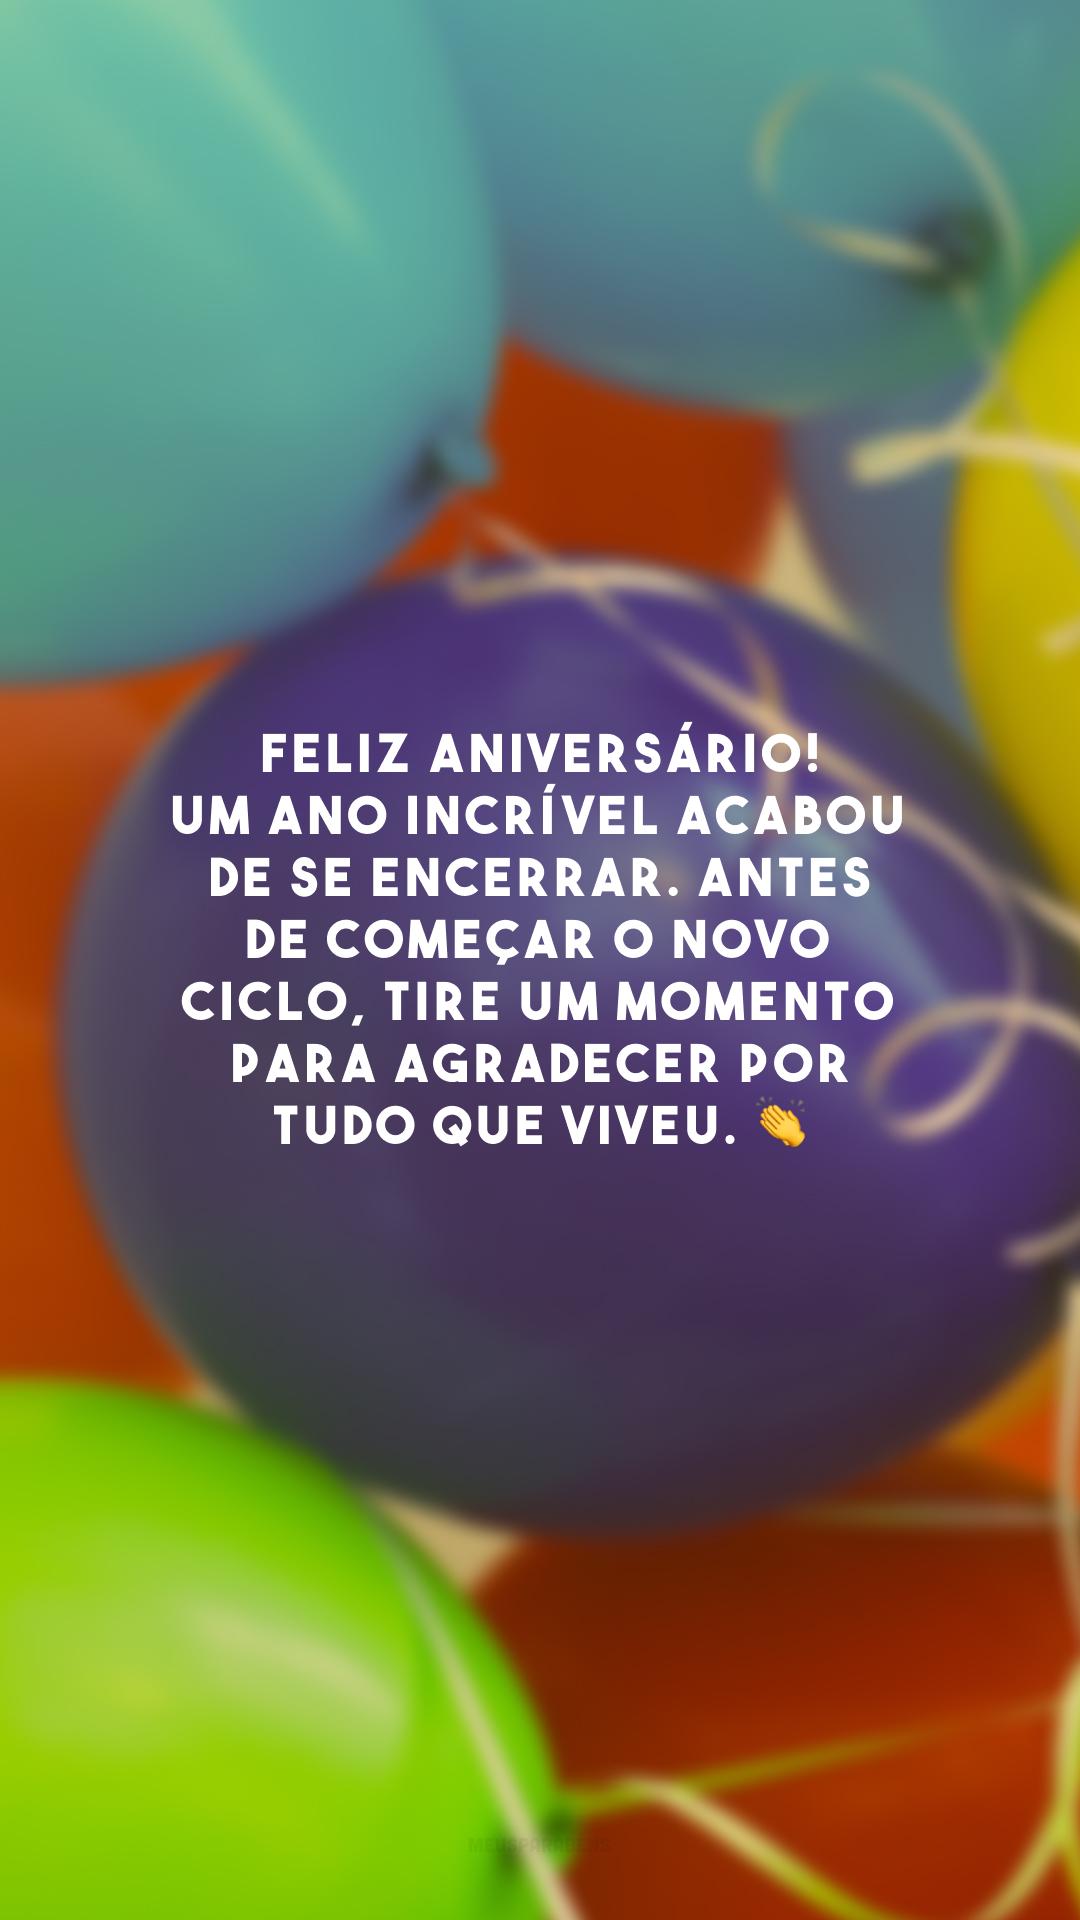 Feliz aniversário! Um ano incrível acabou de se encerrar. Antes de começar o novo ciclo, tire um momento para agradecer por tudo que viveu. 👏